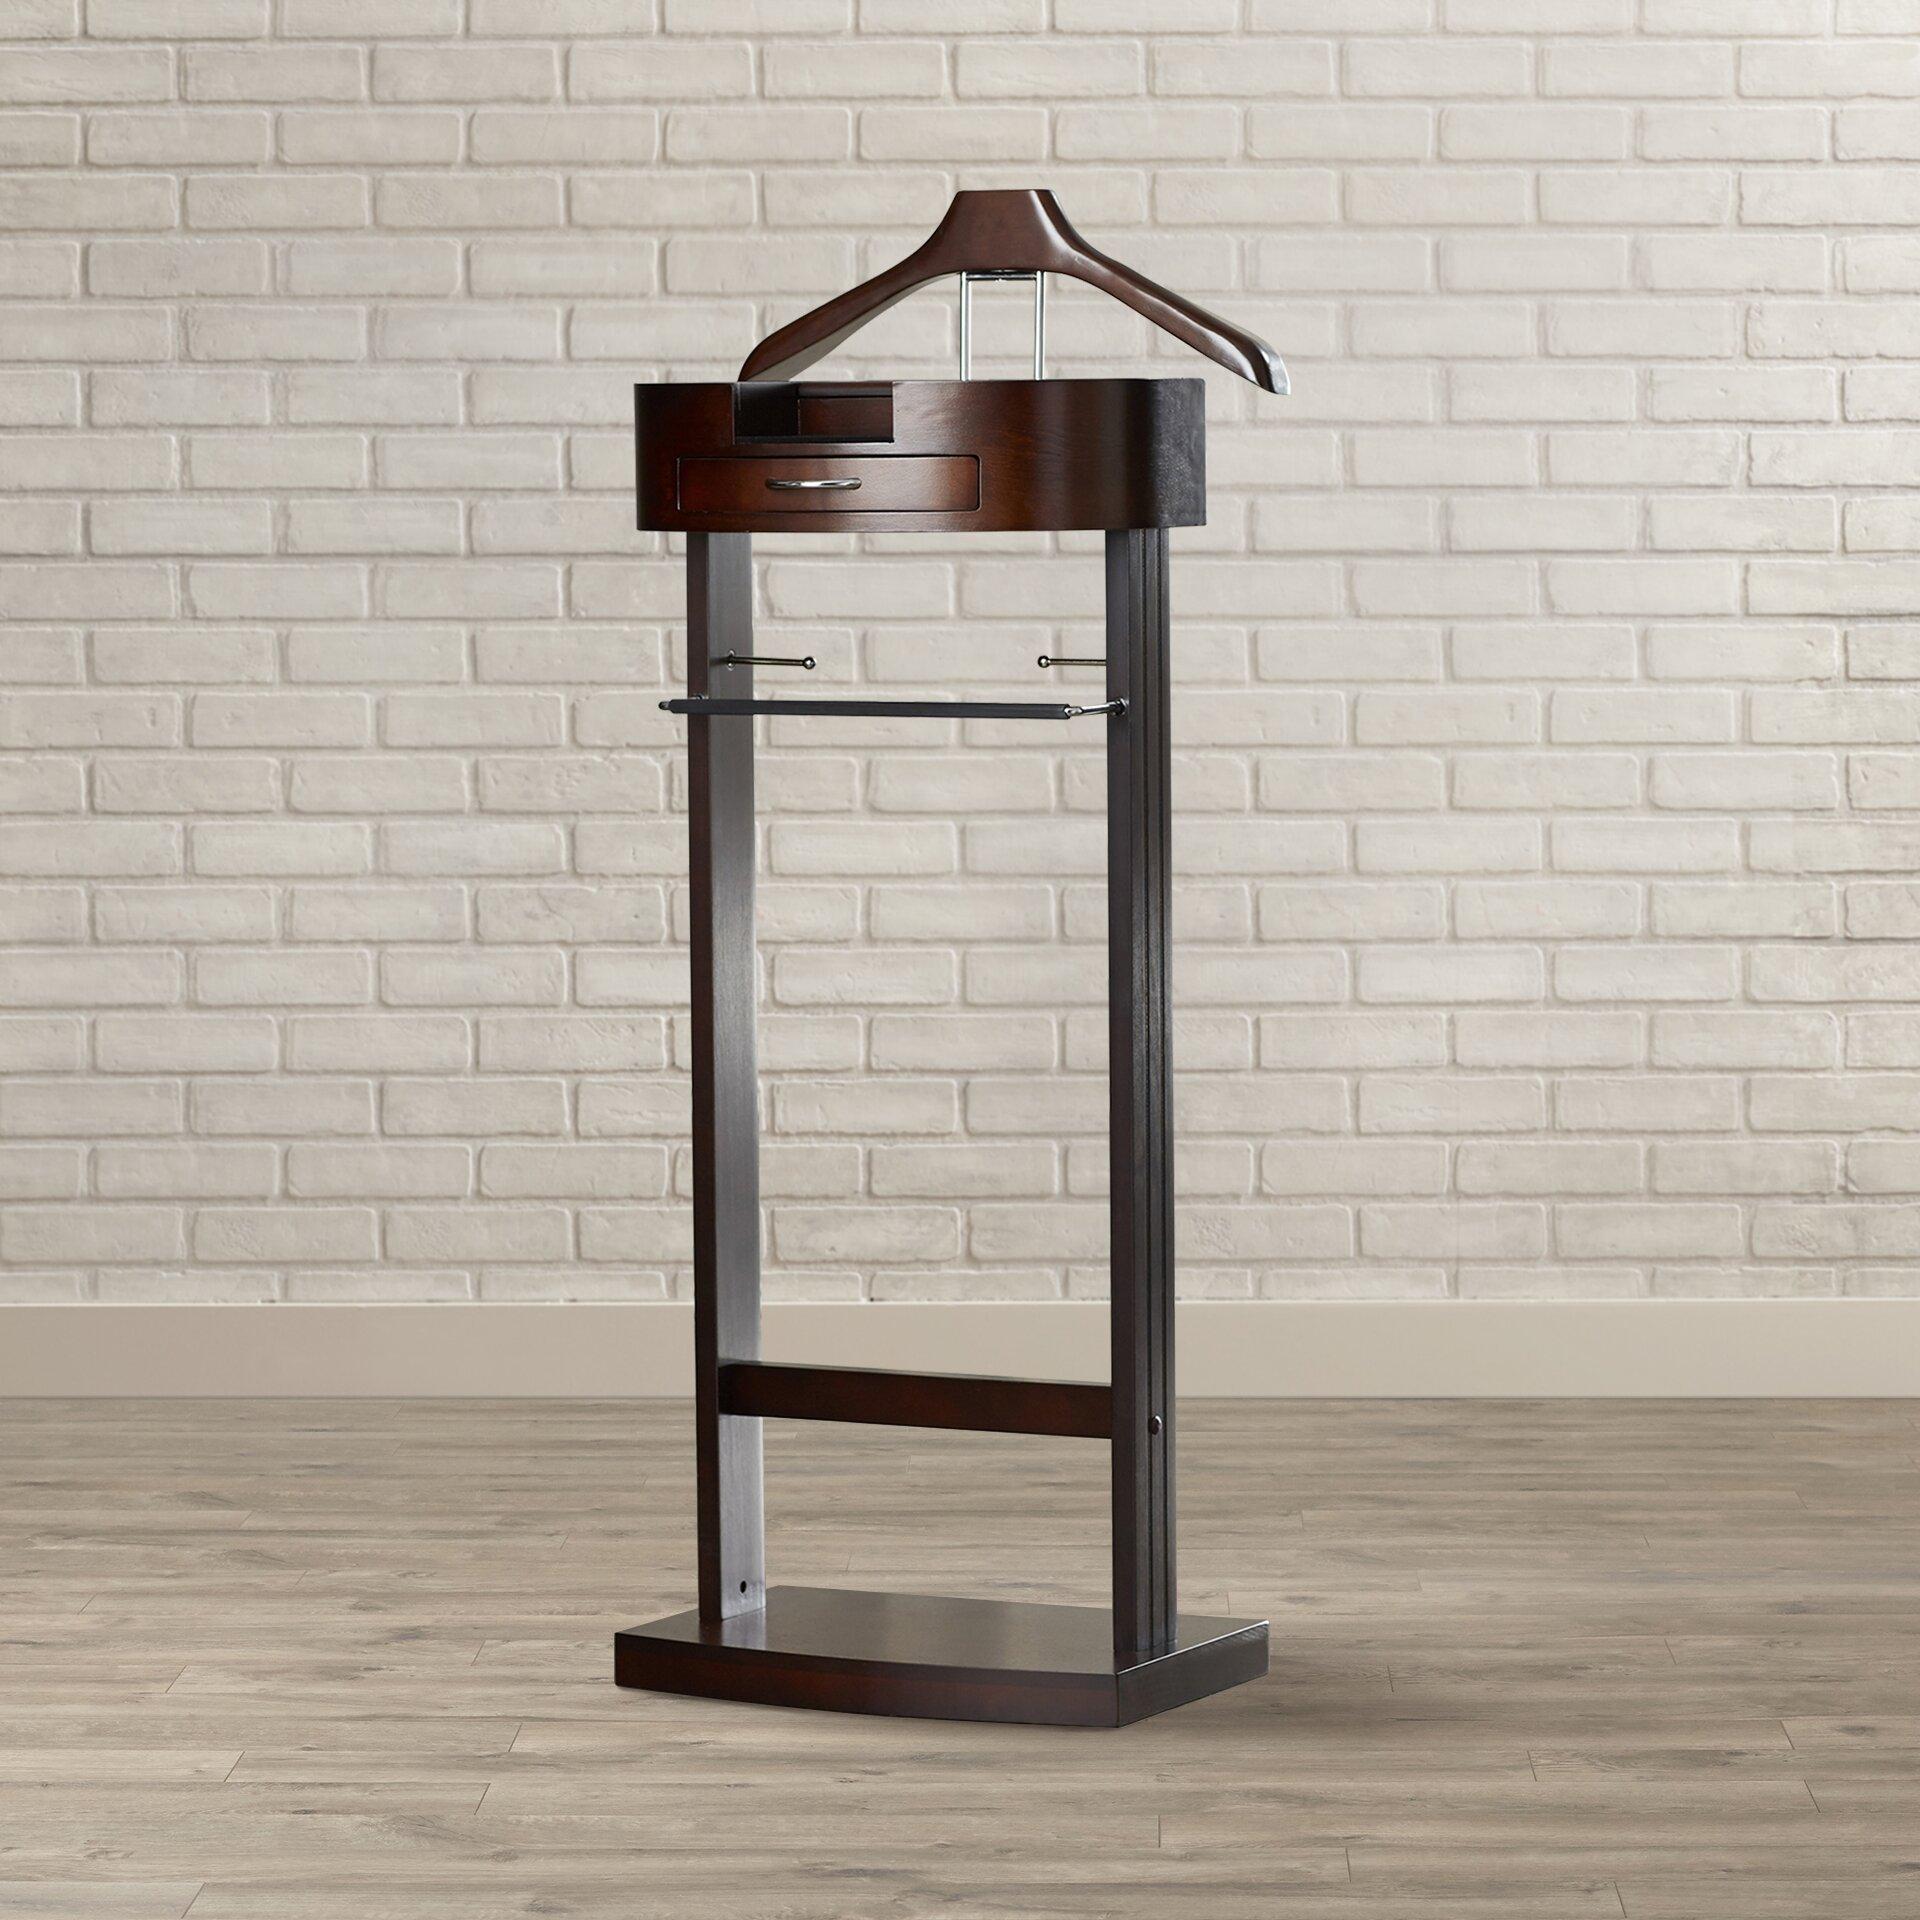 trent austin design homewood valet stand reviews wayfair. Black Bedroom Furniture Sets. Home Design Ideas